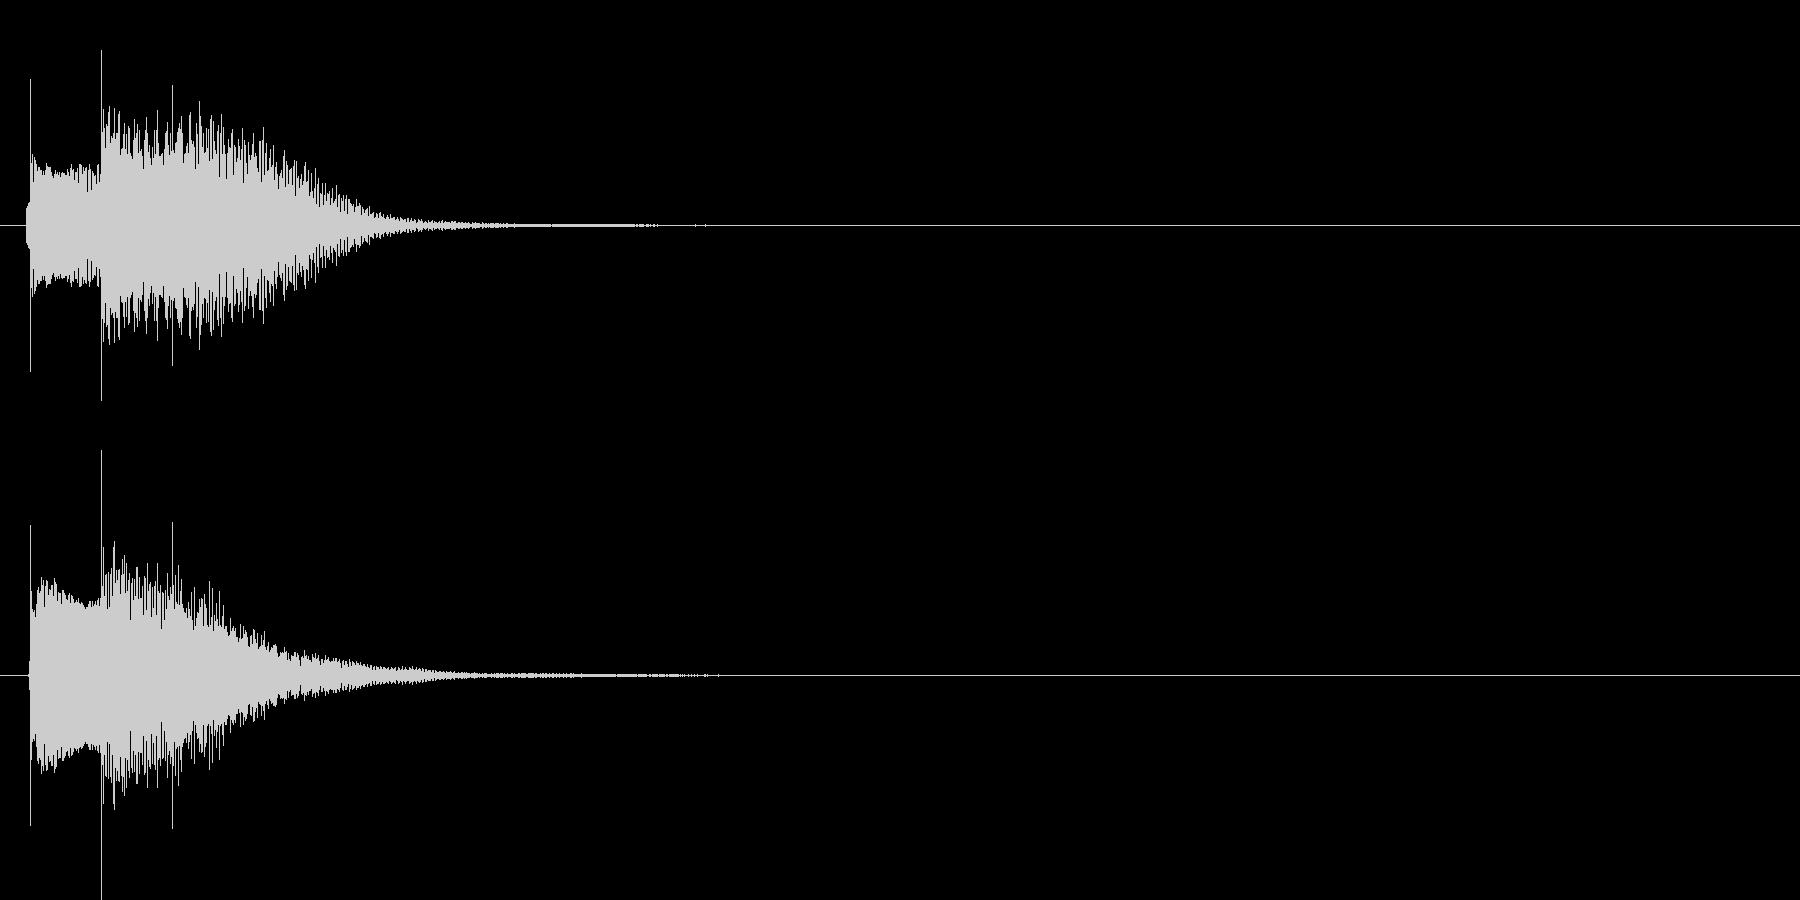 アラーム音01 グロッケン(sus4)の未再生の波形